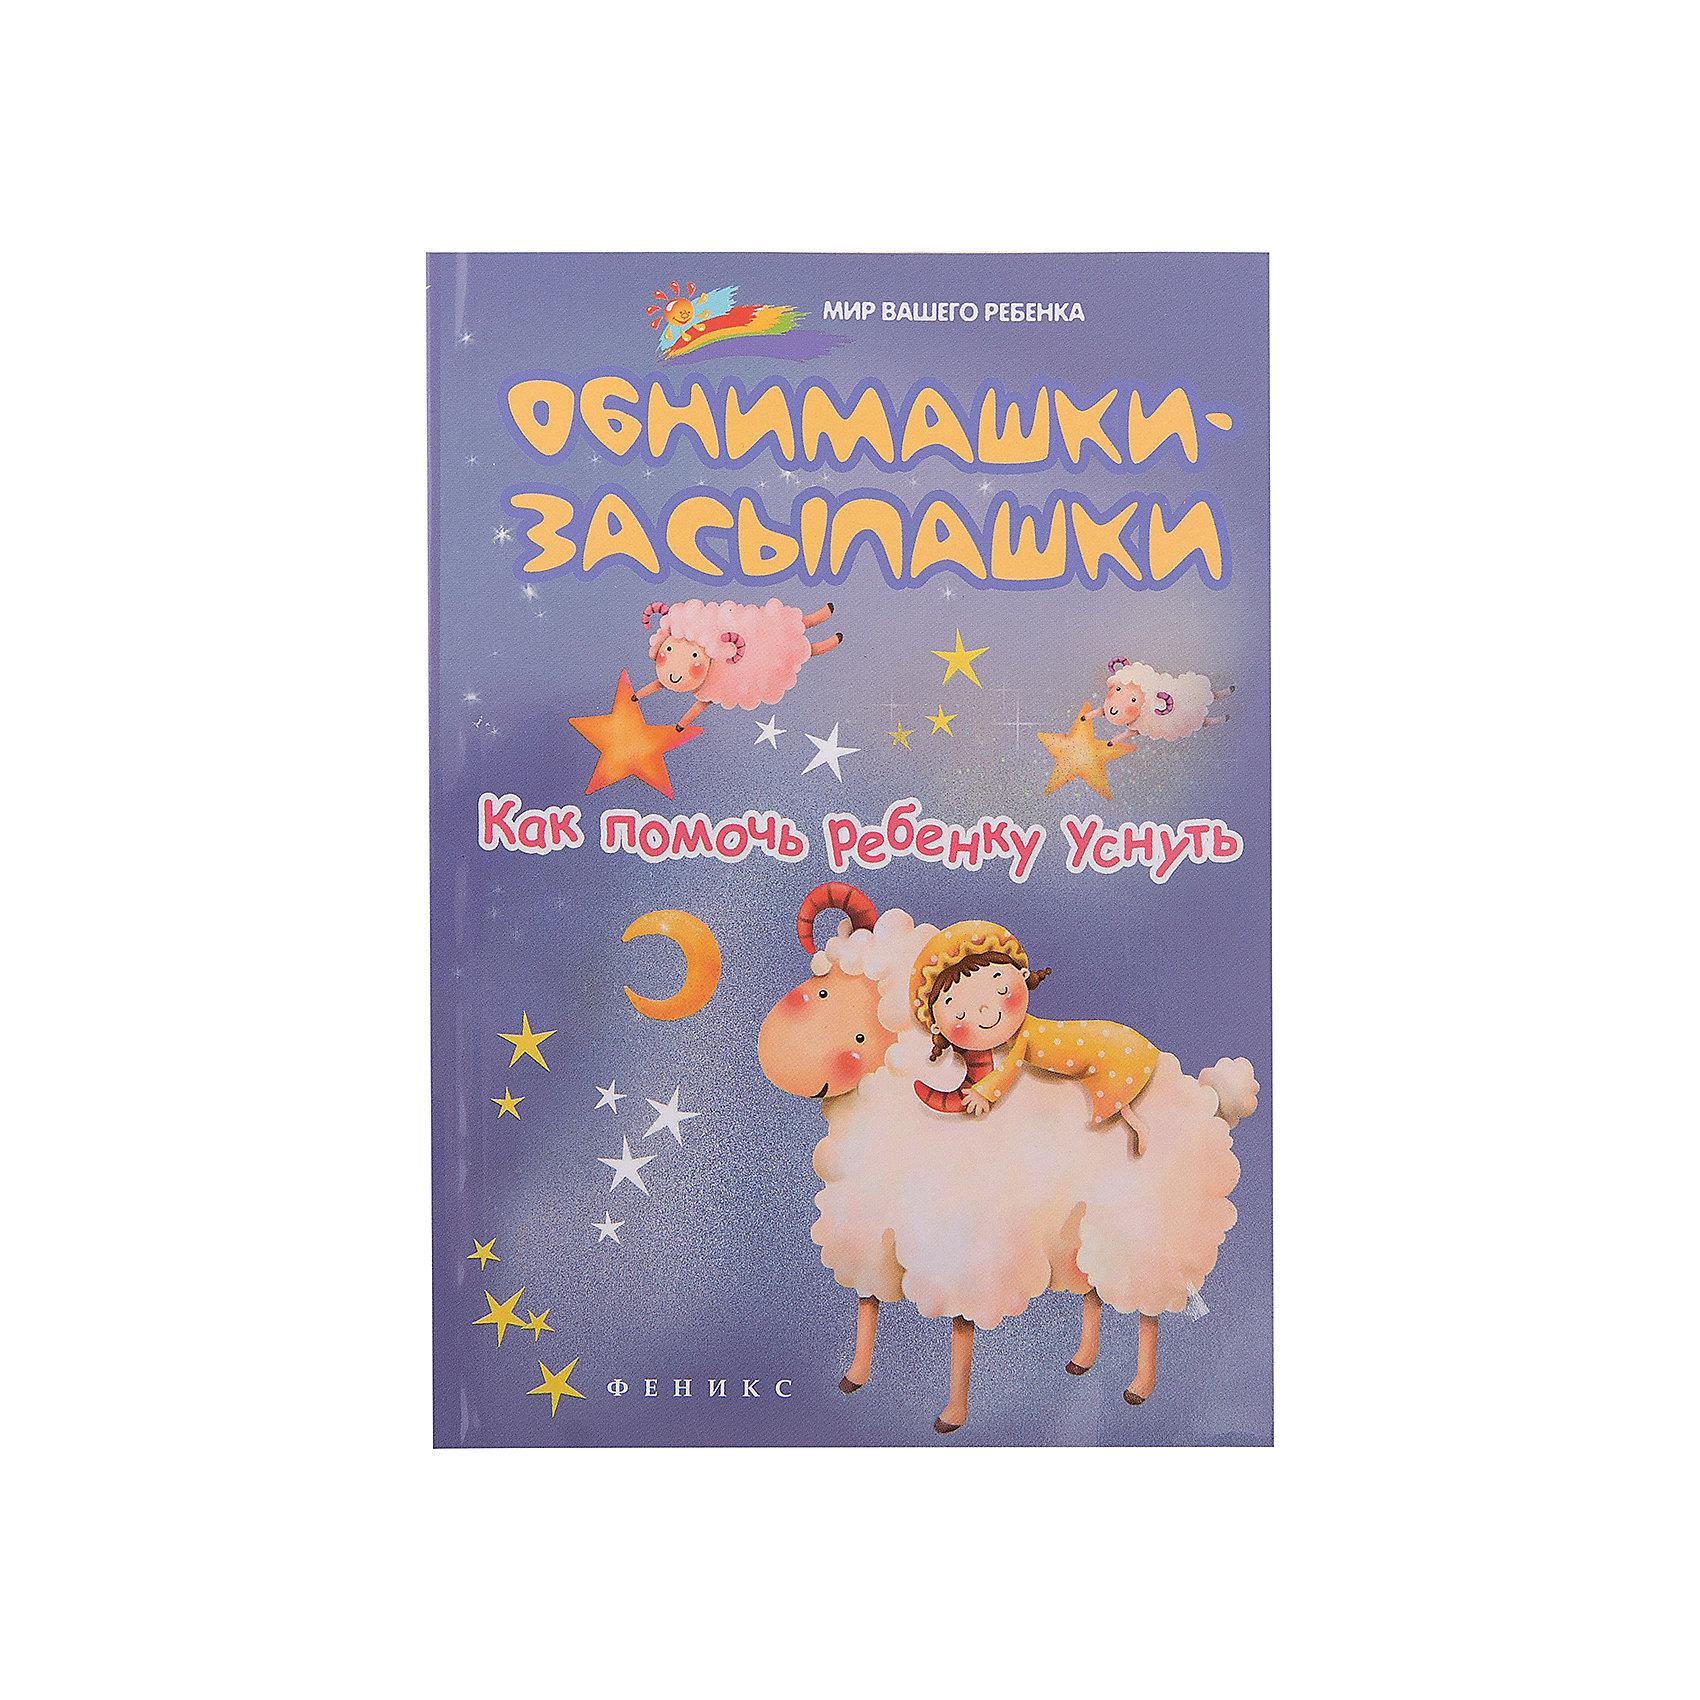 Книга для родителей Обнимашки-засыпашки: как помочь ребенку уснуть.Детская психология и здоровье<br>Характеристики товара:<br><br>• ISBN 9785222272114<br>• возраст с рождения<br>• формат 165х115 мм<br>• серия «Мир Вашего ребенка»<br>• издательство Феникс<br>• автор Ульева Елена<br>• переплет: мягкий<br>• количество страниц 156<br>• год выпуска 2016<br>• размер 16,5х11,5х0,7 см<br><br>Книга «Обнимашки-засыпашки: как помочь ребенку уснуть» включает в себя стишки, песенки, сказки, колыбельные, которые помогут родителям убаюкать даже самого капризного кроху перед сном. <br><br>Книгу «Обнимашки-засыпашки: как помочь ребенку уснуть» издание 3-е можно приобрести в нашем интернет-магазине.<br><br>Ширина мм: 70<br>Глубина мм: 115<br>Высота мм: 165<br>Вес г: 113<br>Возраст от месяцев: -2147483648<br>Возраст до месяцев: 2147483647<br>Пол: Унисекс<br>Возраст: Детский<br>SKU: 5501034